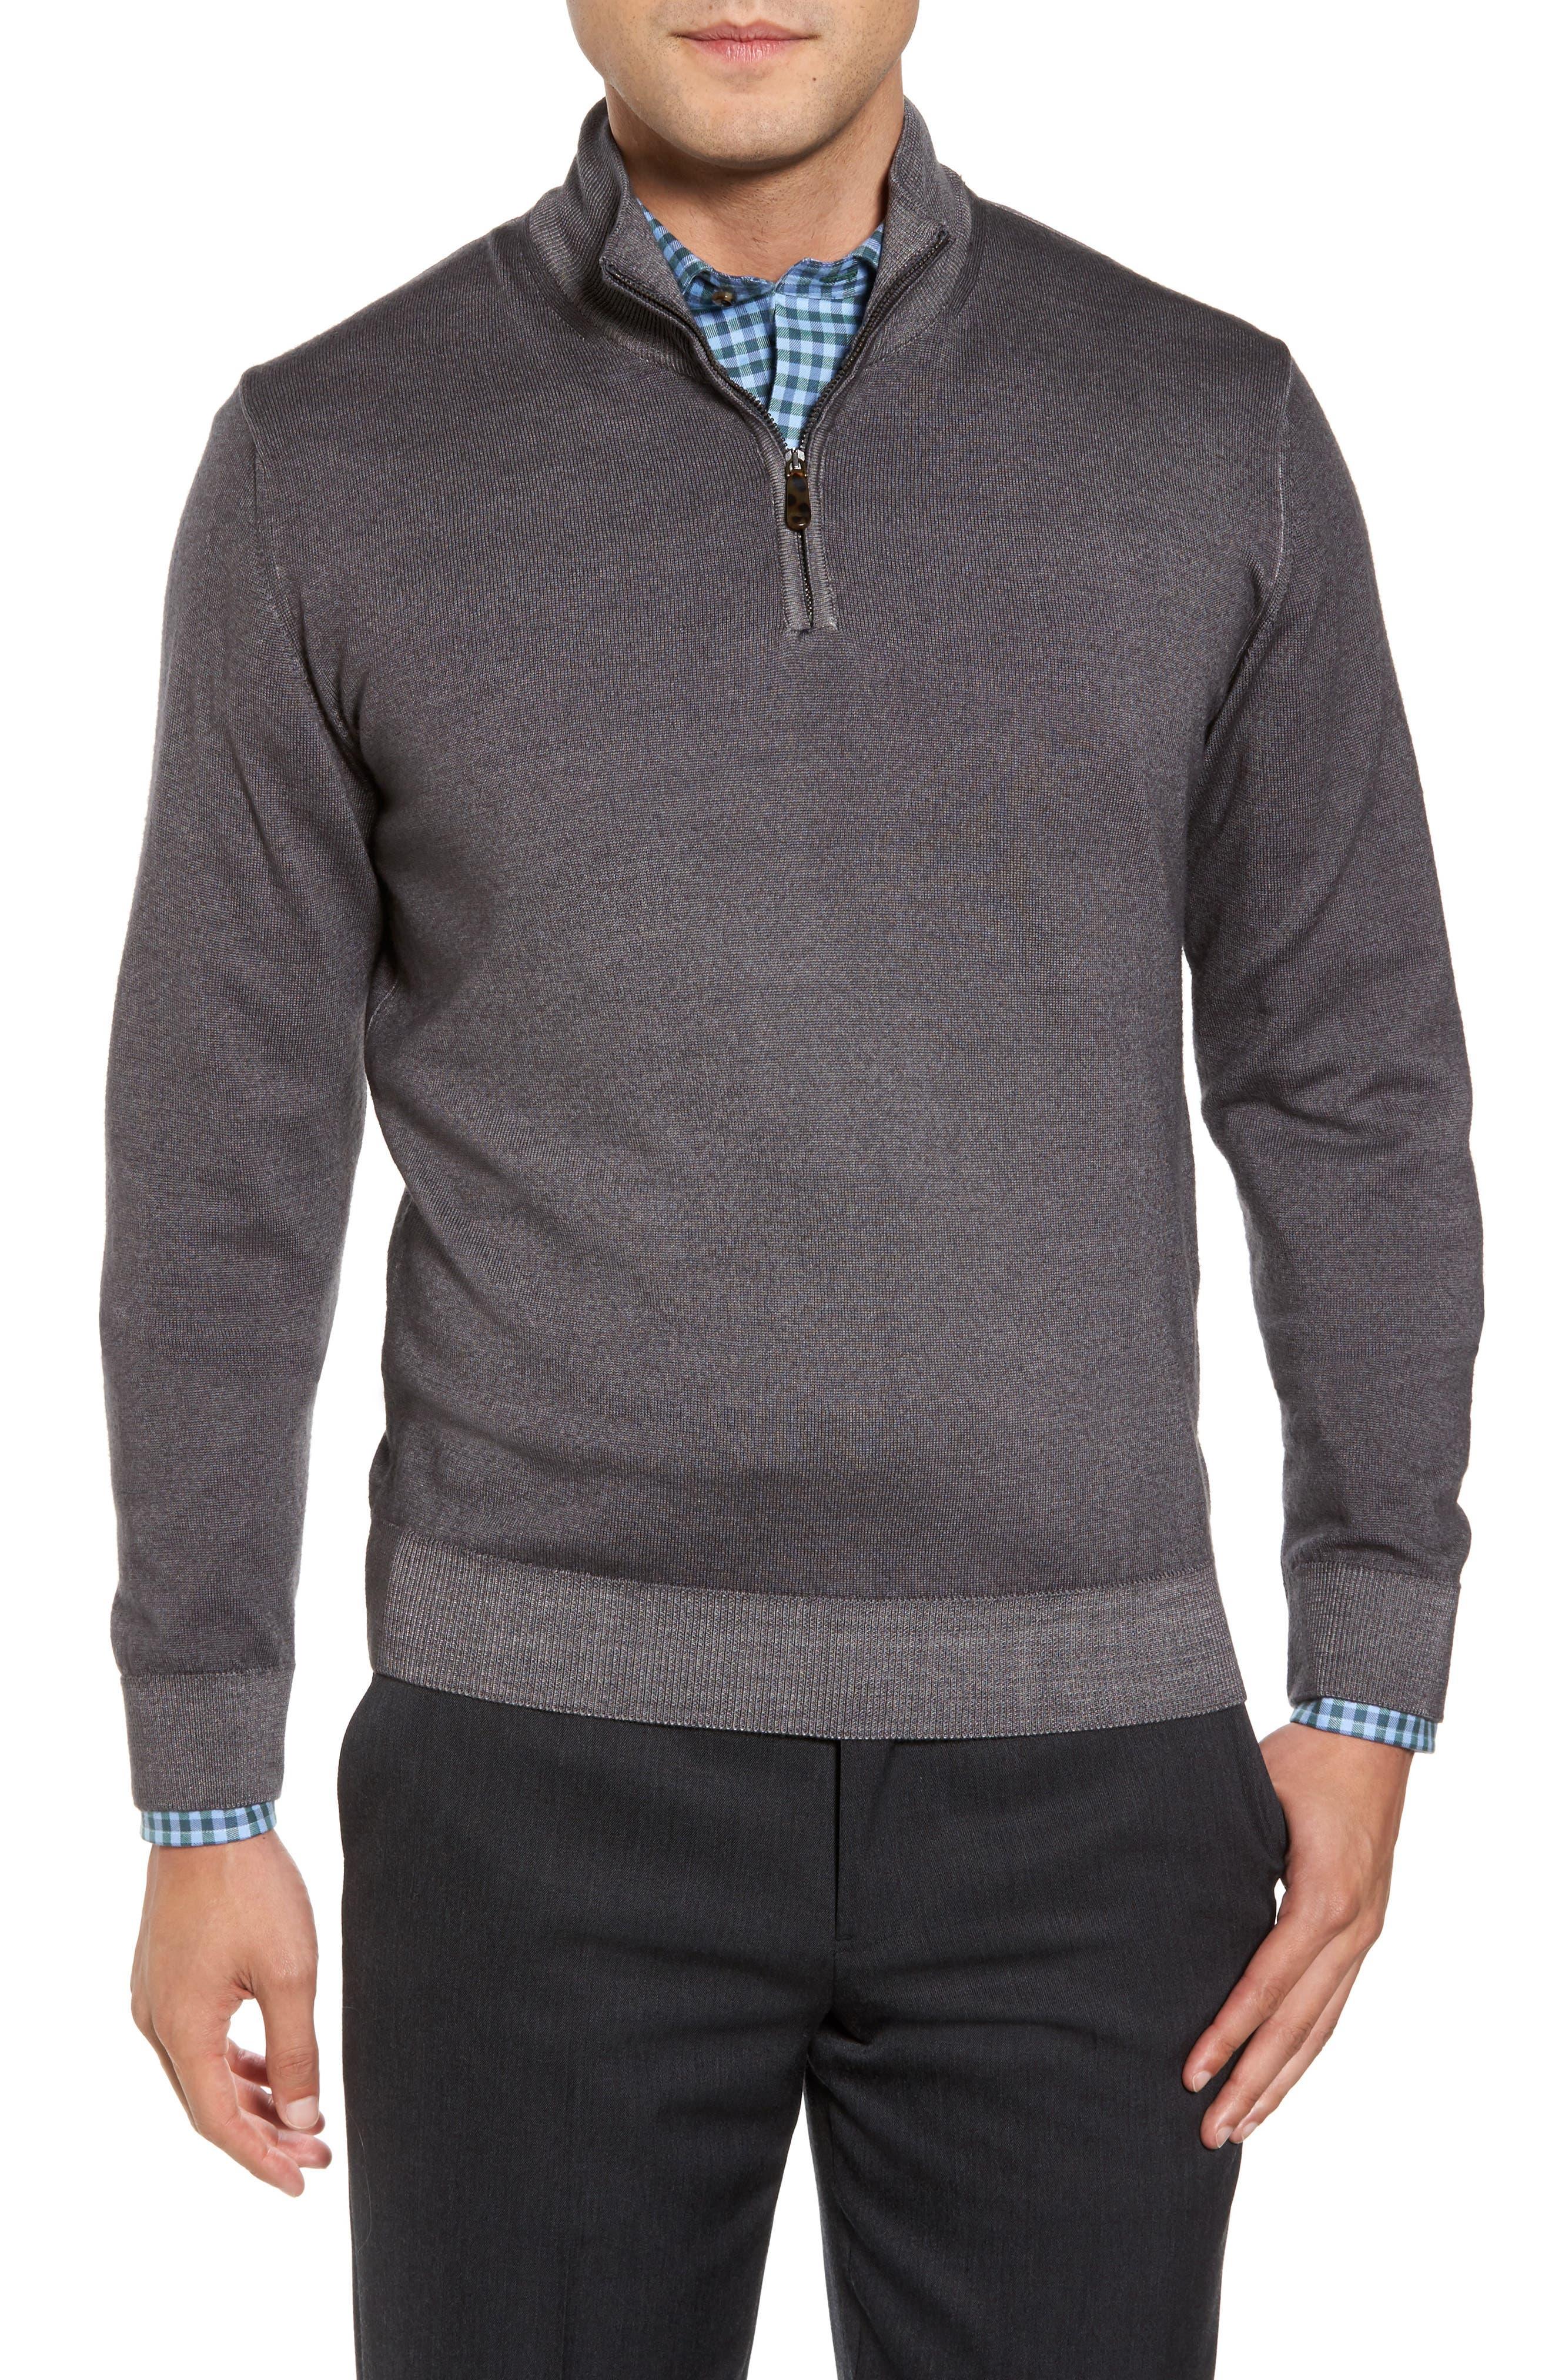 Main Image - David Donahue Ice Merino Wool Quarter Zip Pullover